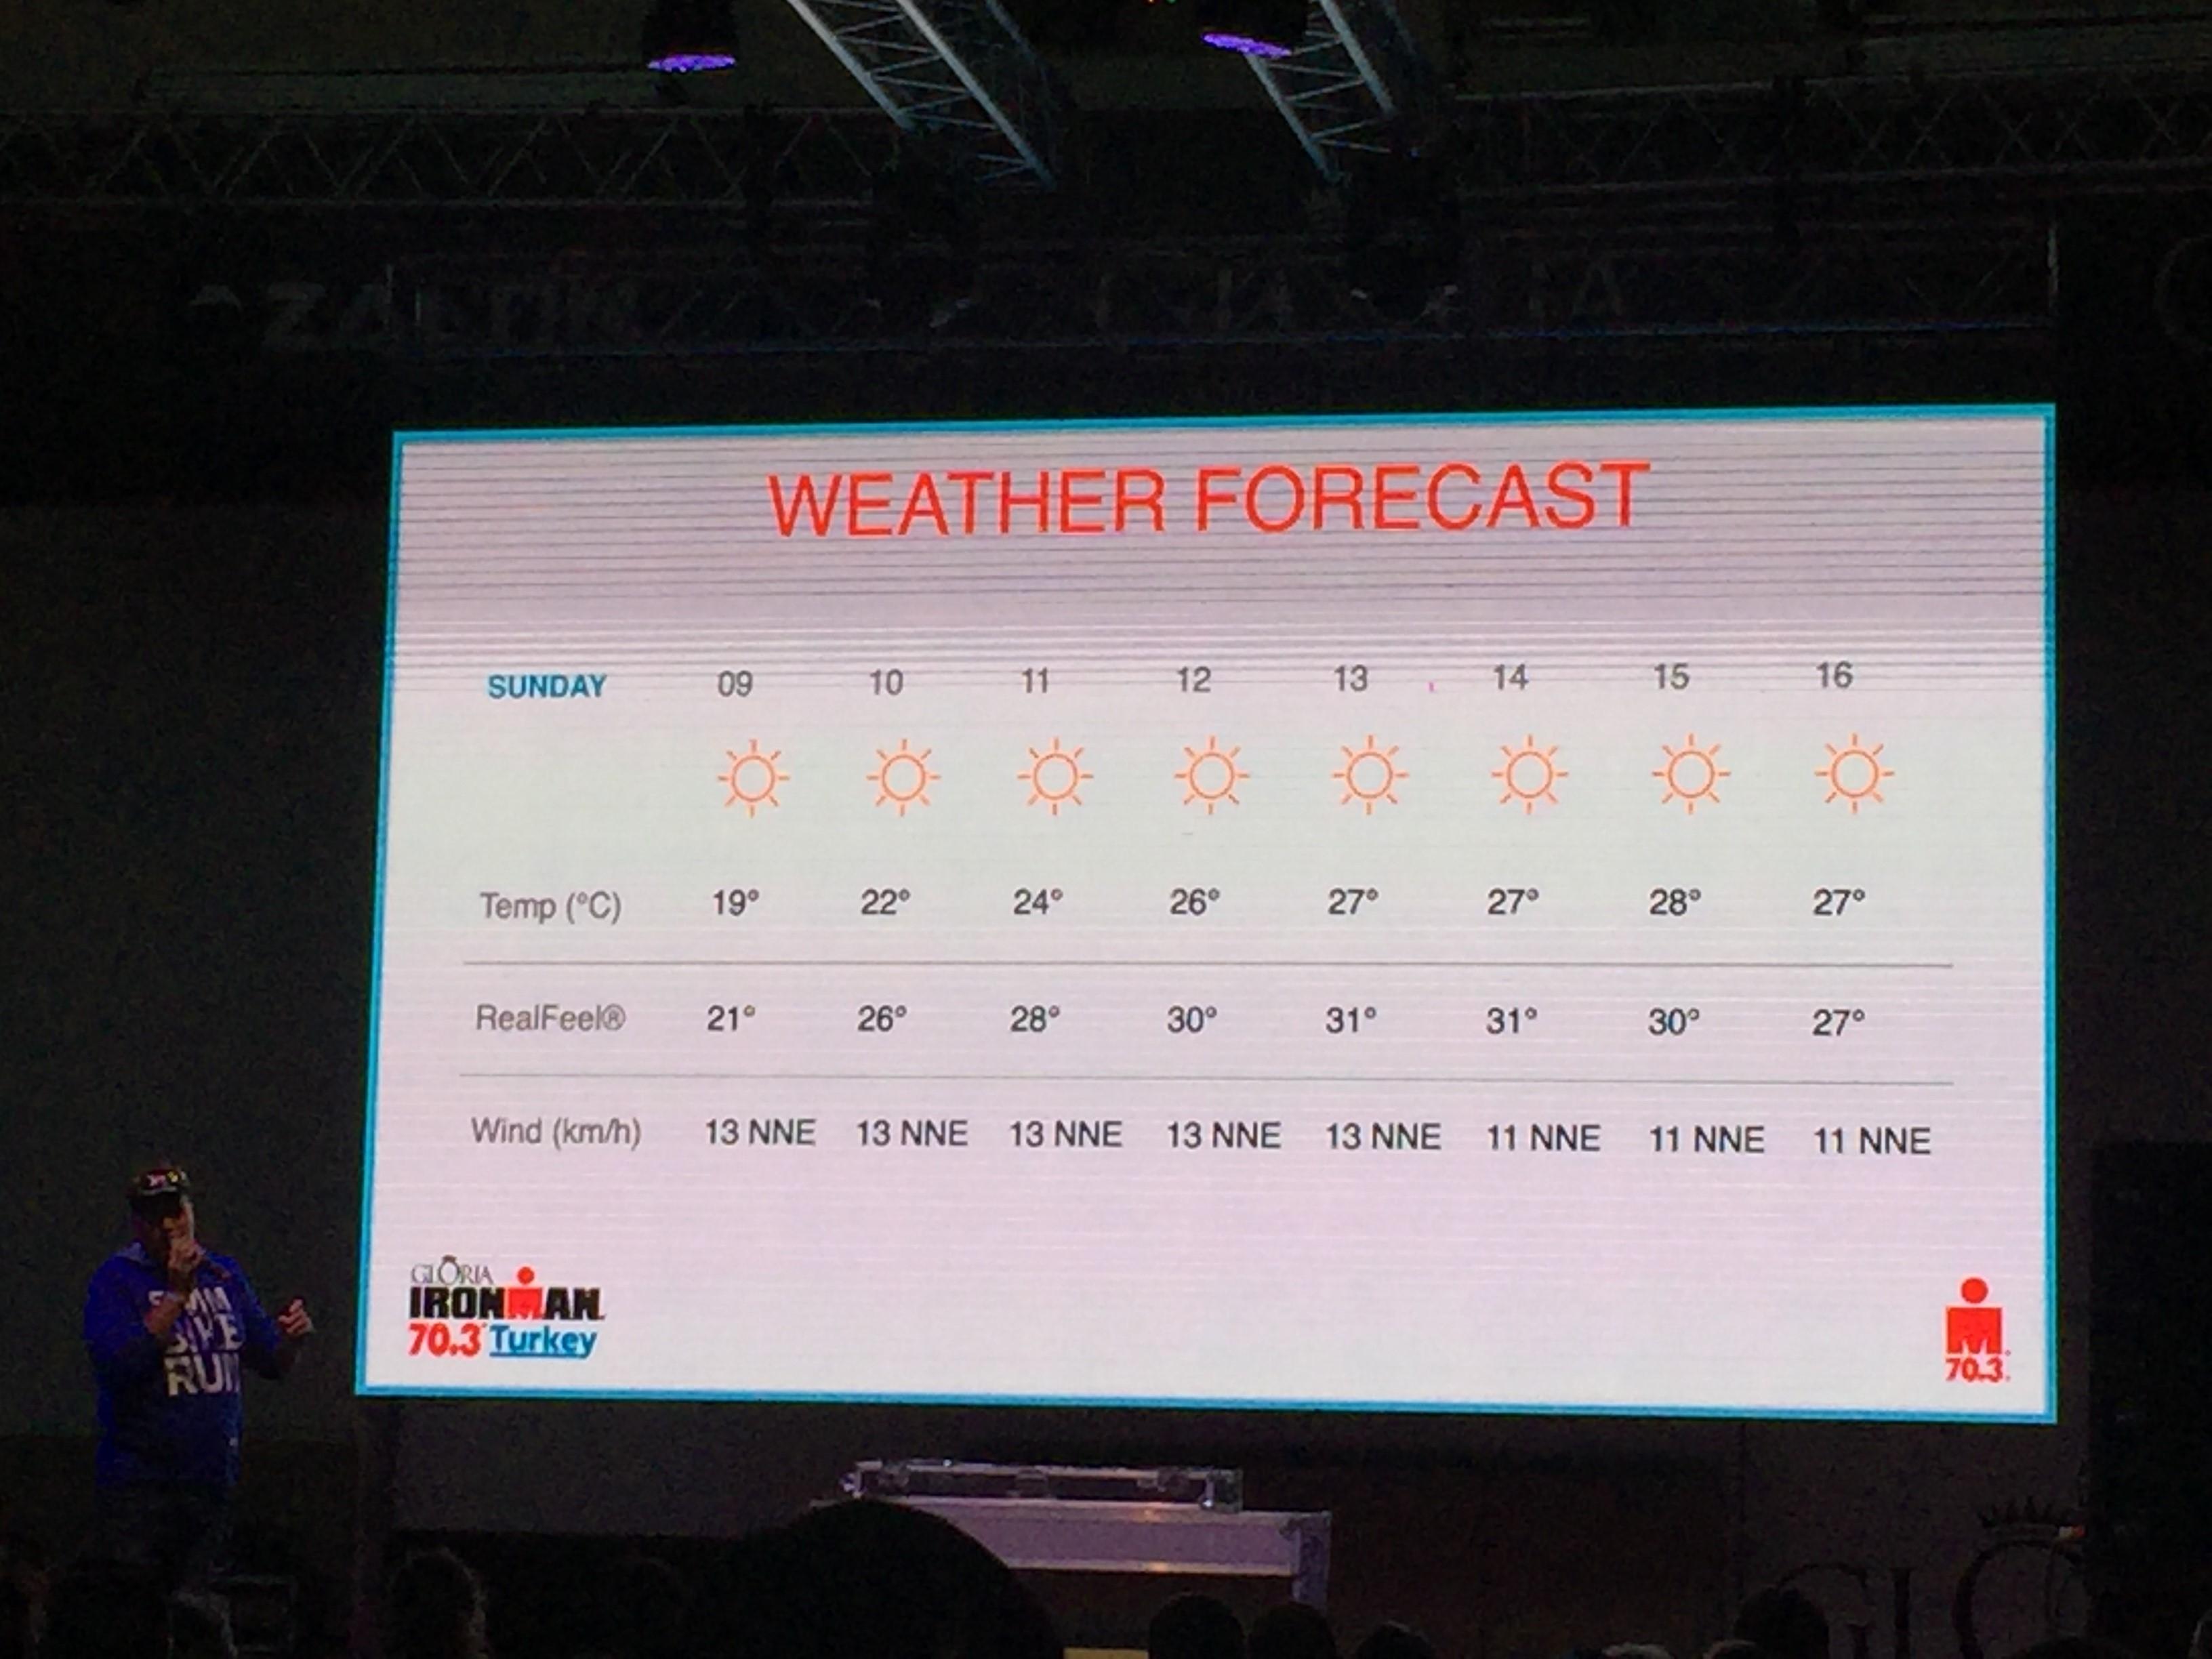 Погода в Турции перед Ironman